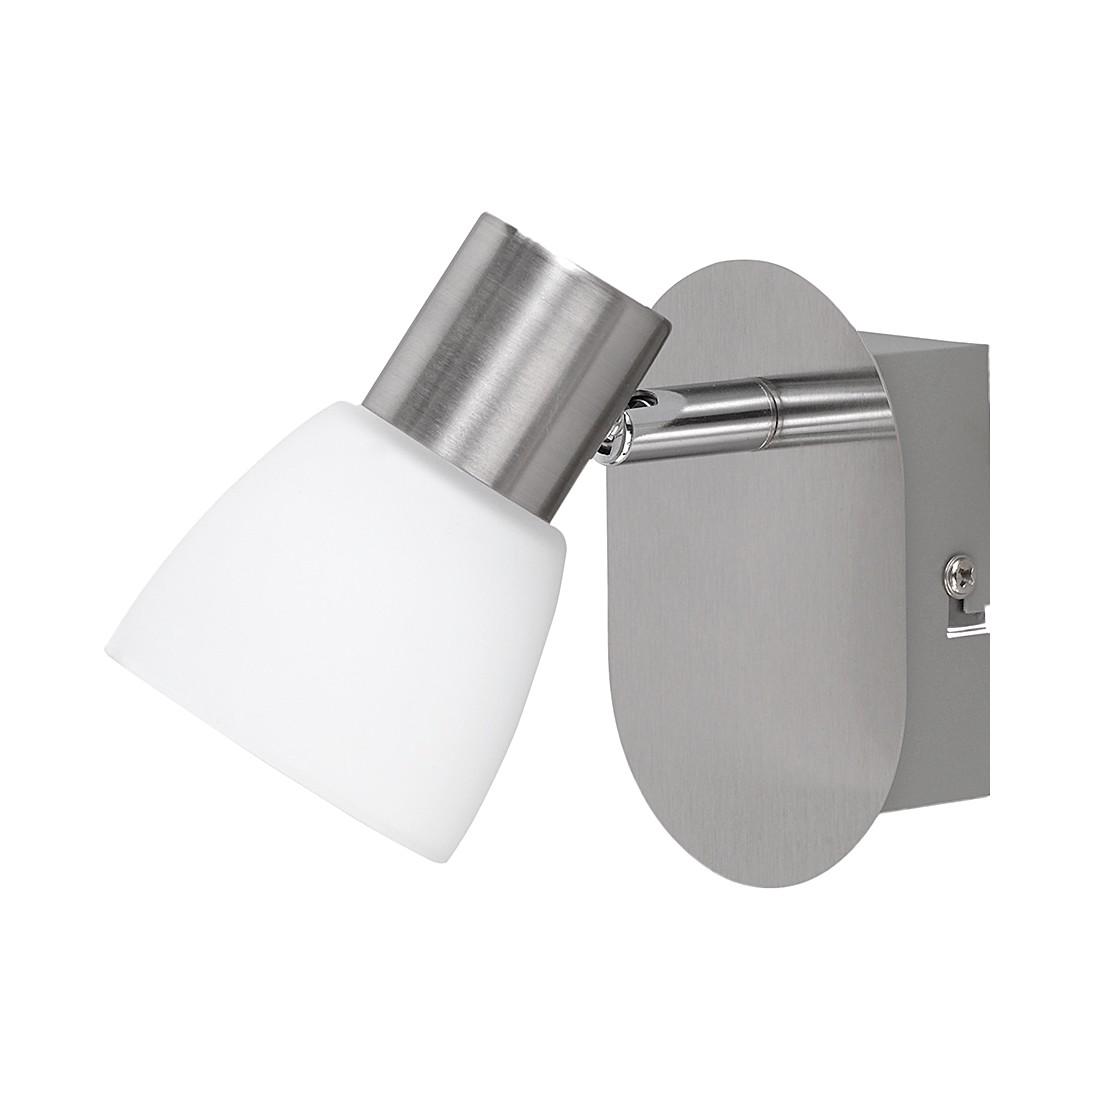 LED-spotje - nikkelkleurig 1x4,5W, Trio